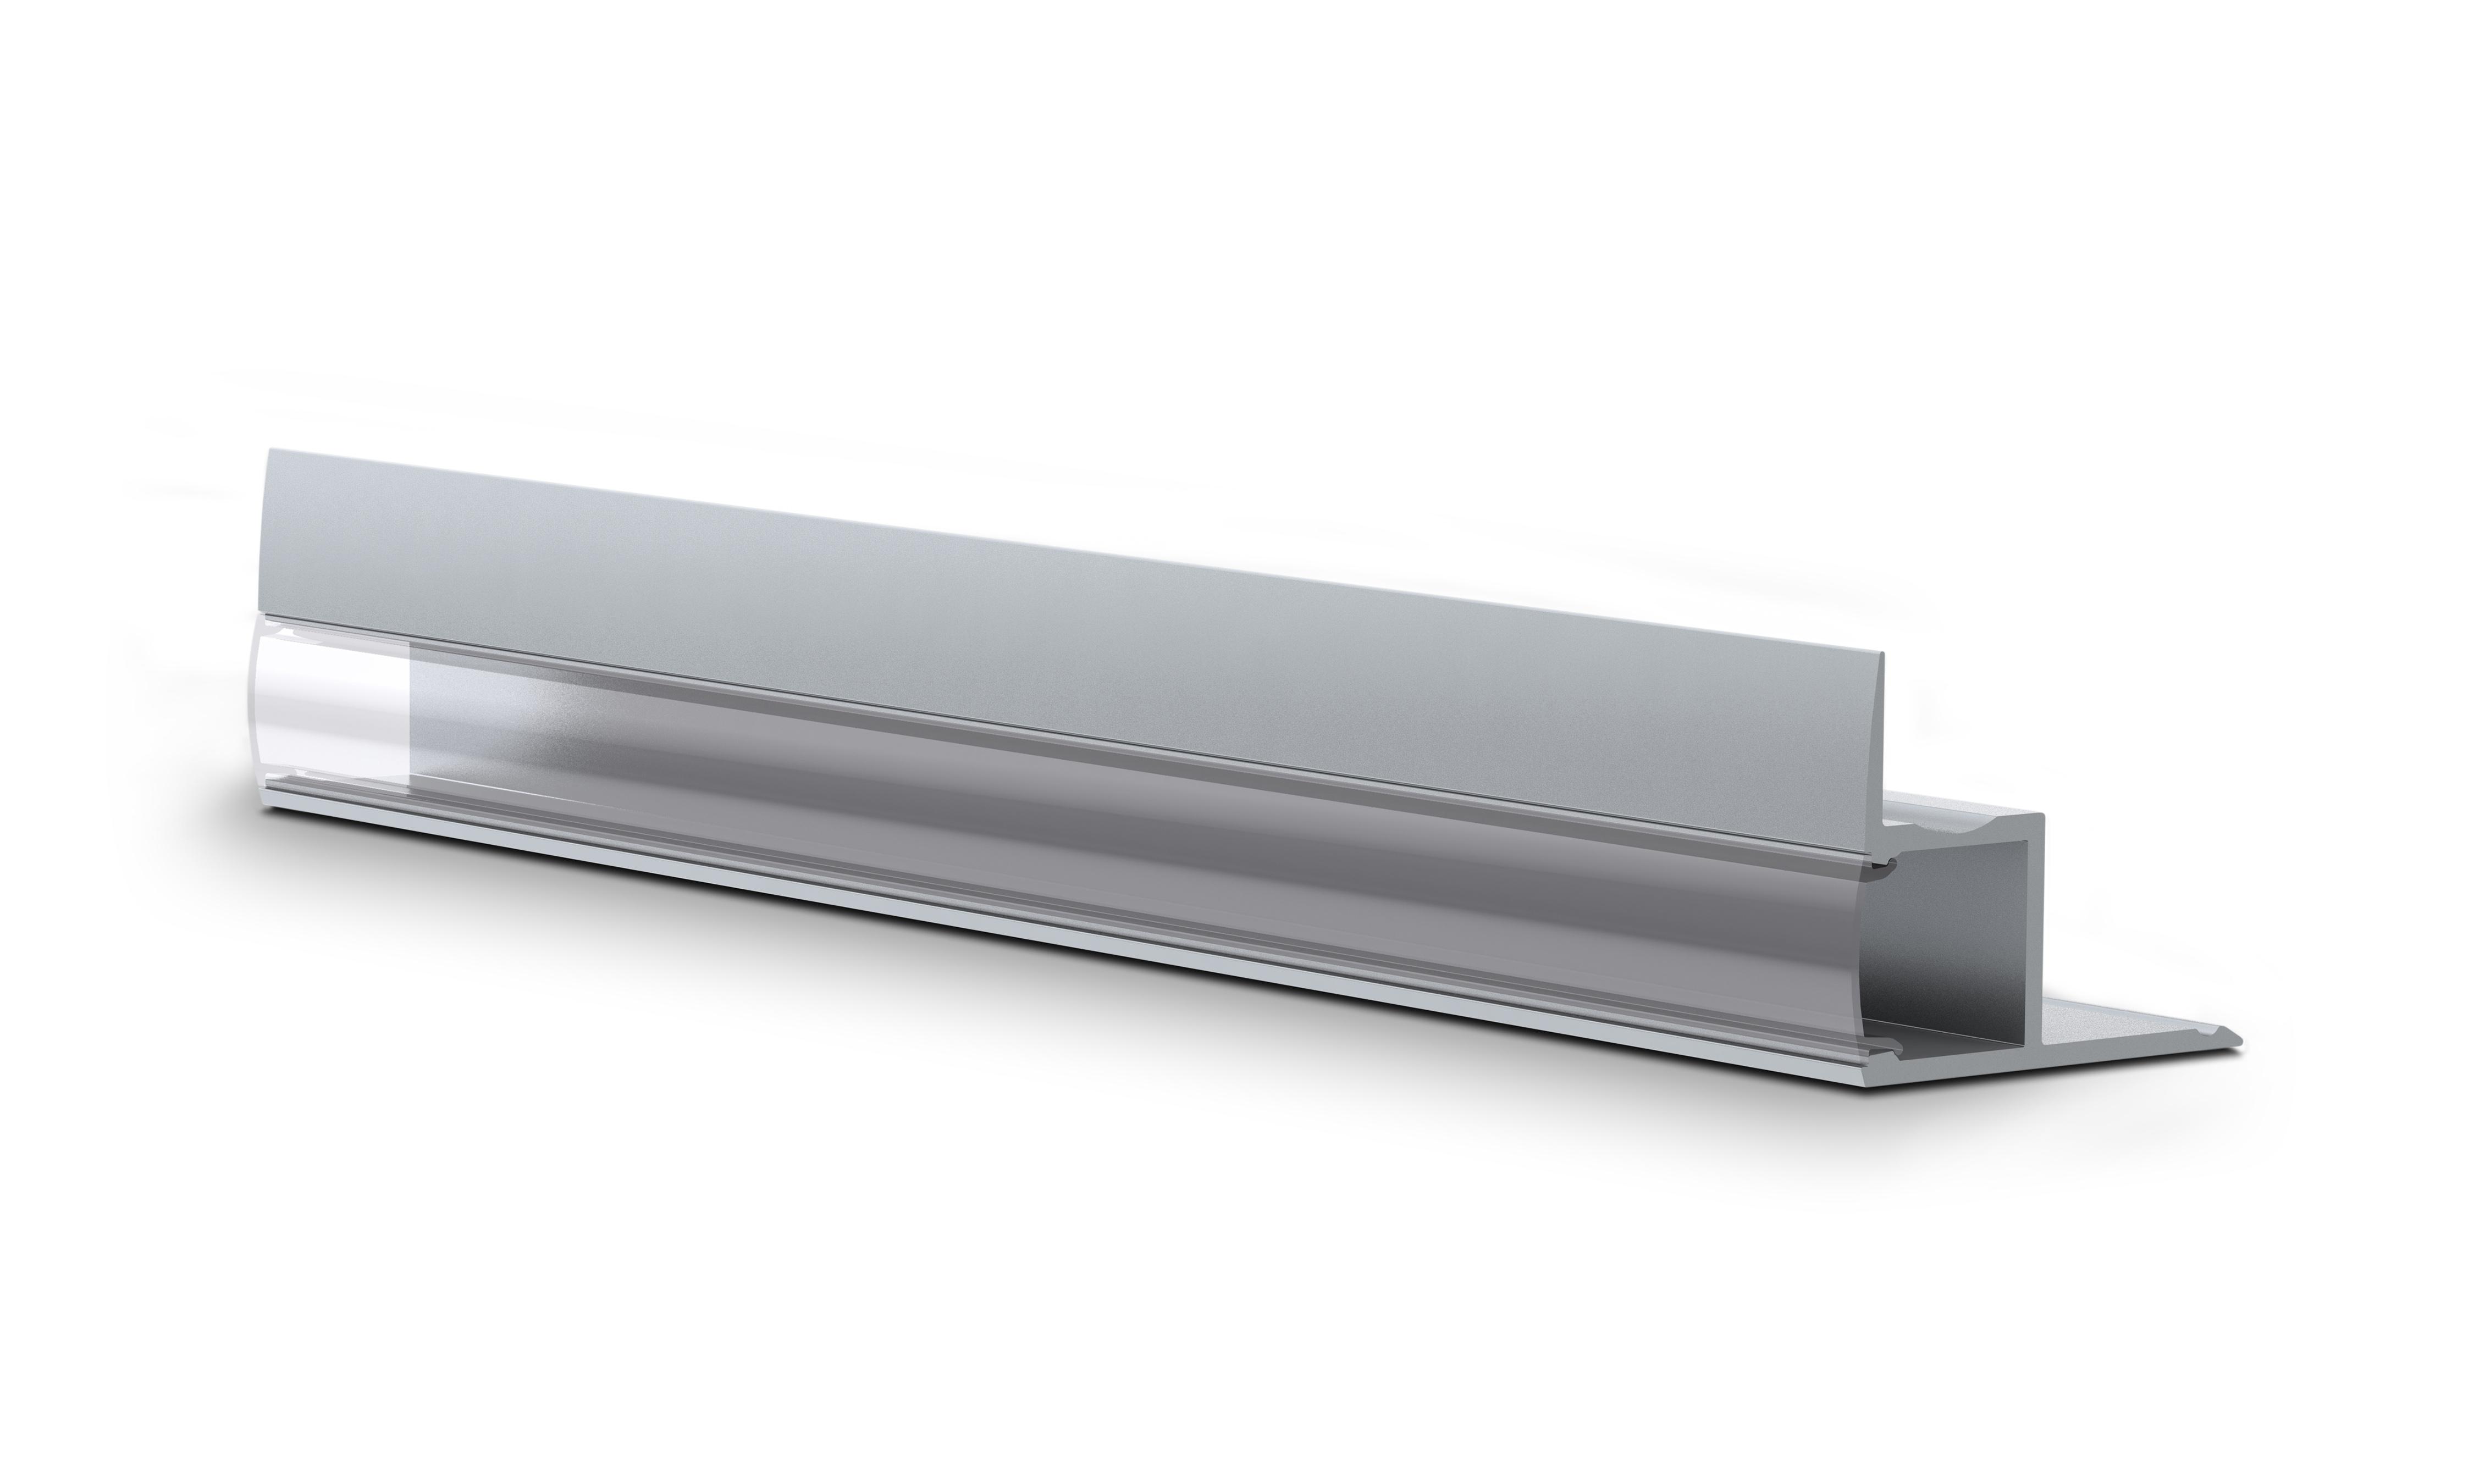 Alu ceiling led profile uk led lighting - Profile alu led ...